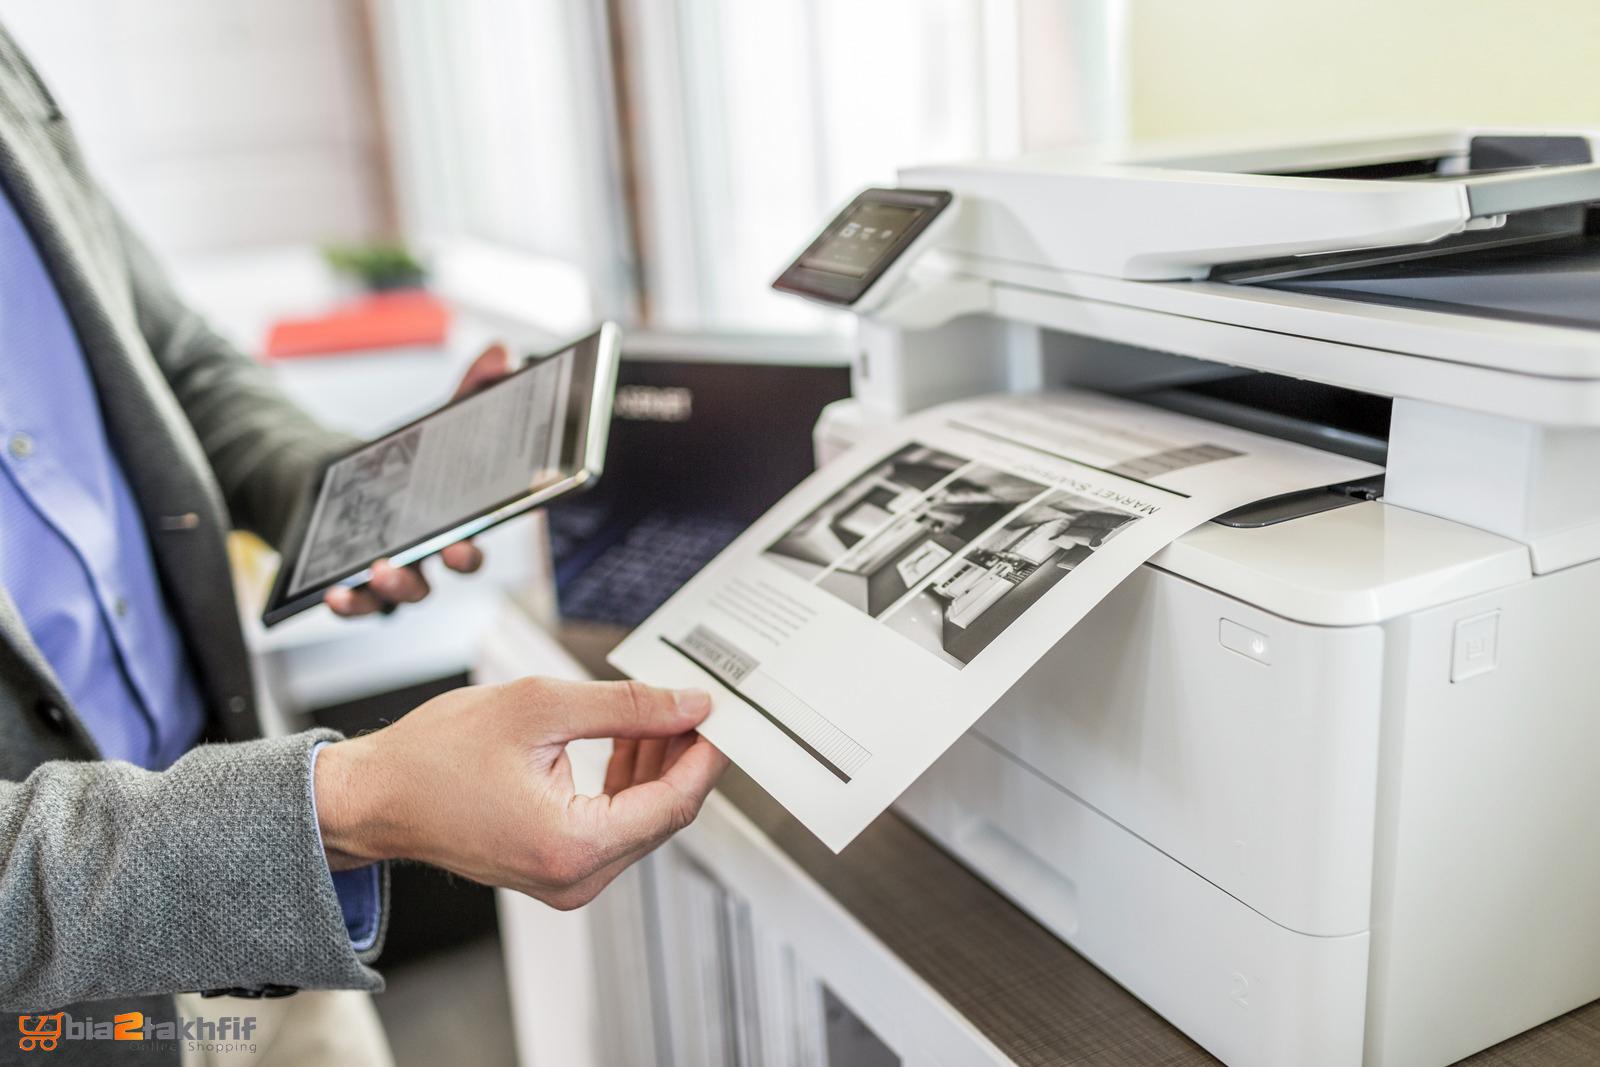 نوع چاپ در پرینتر چندکاره لیزری LaserJet Pro MFP M426fdw اچ پی تک رنگ بوده و بهترین گزینه برای چاپ اسناد متنی است.bia2takhfif